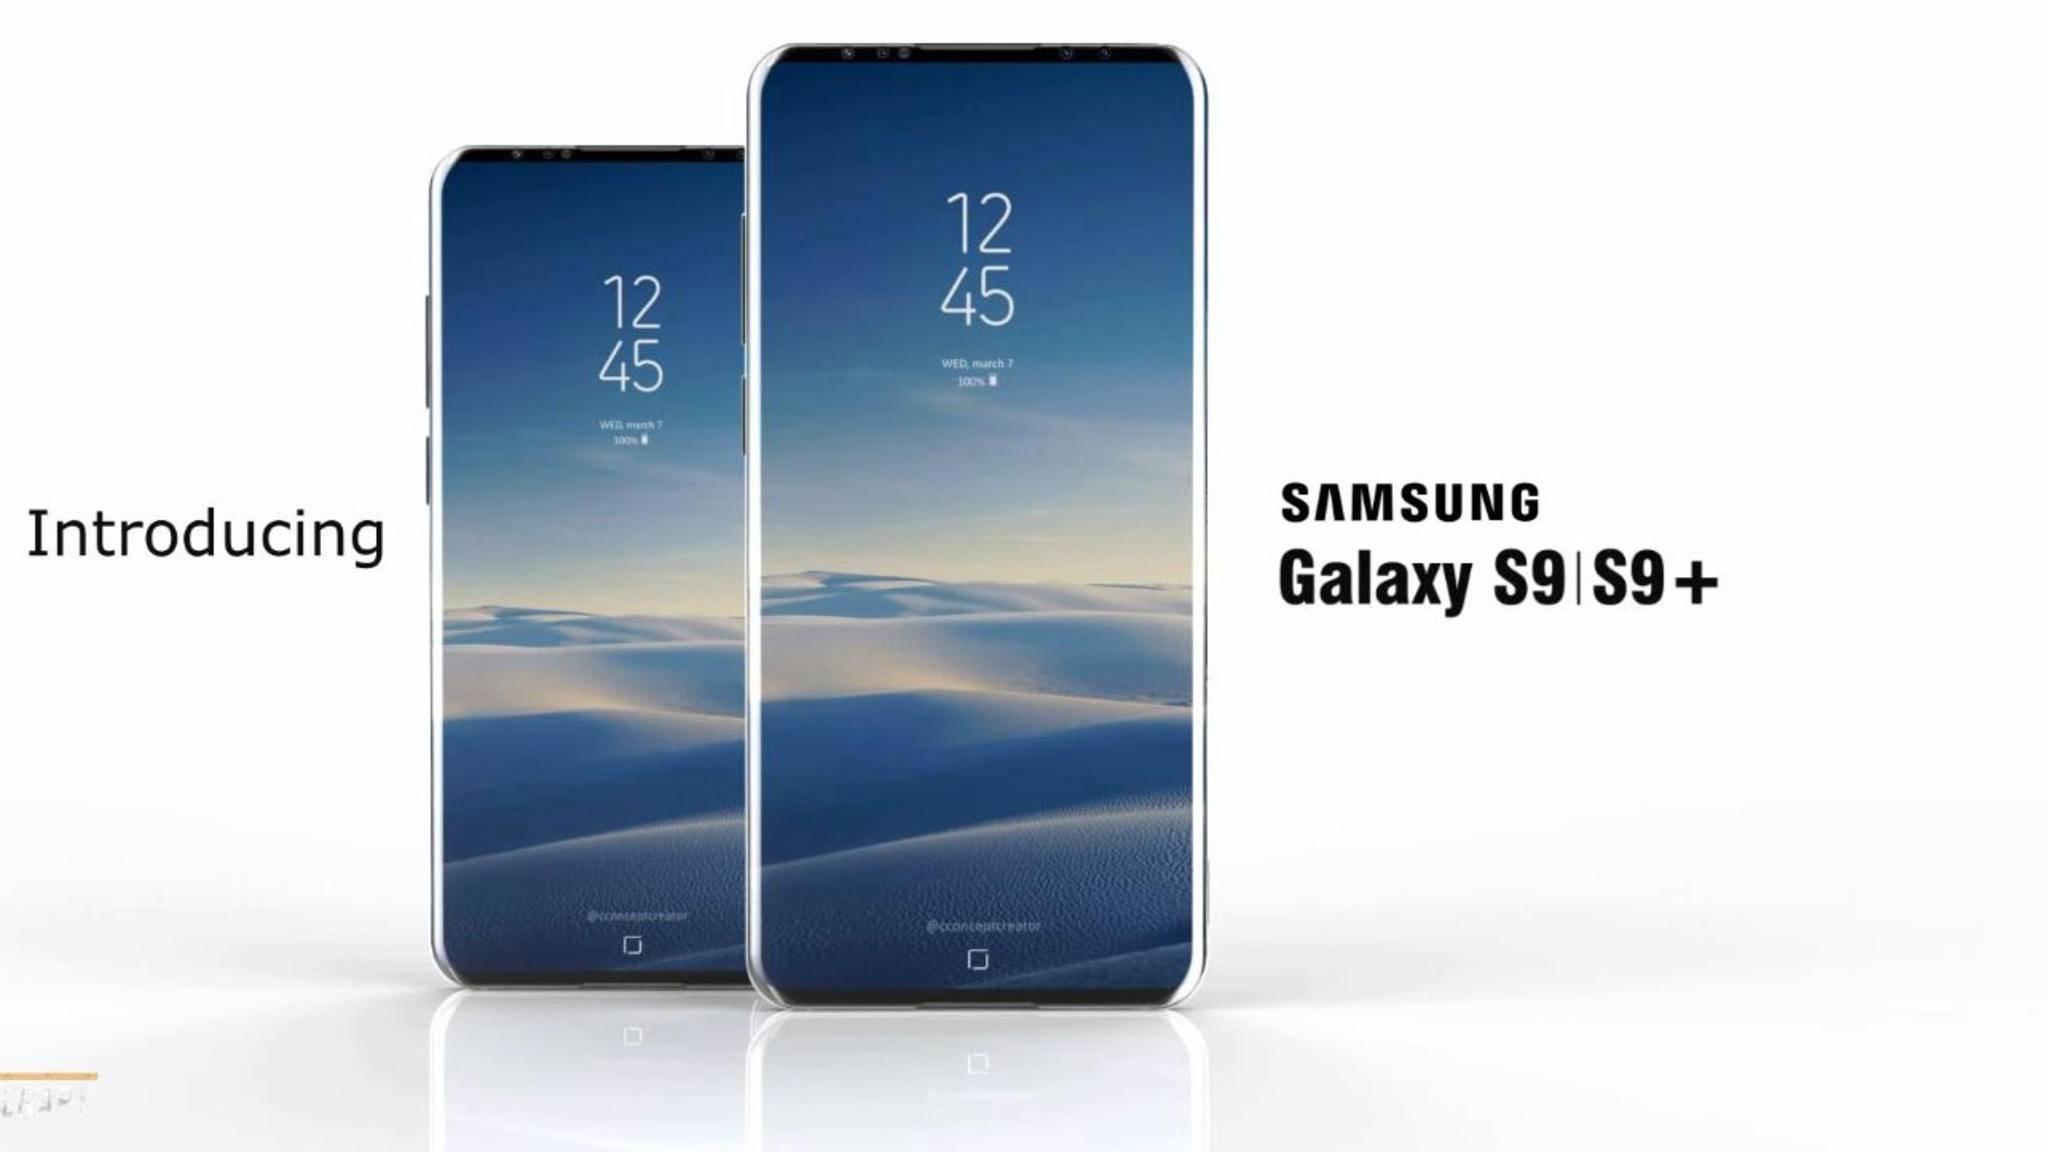 Das Galaxy S9 soll sich kaum vom Vorgänger Galaxy S8 unterscheiden.